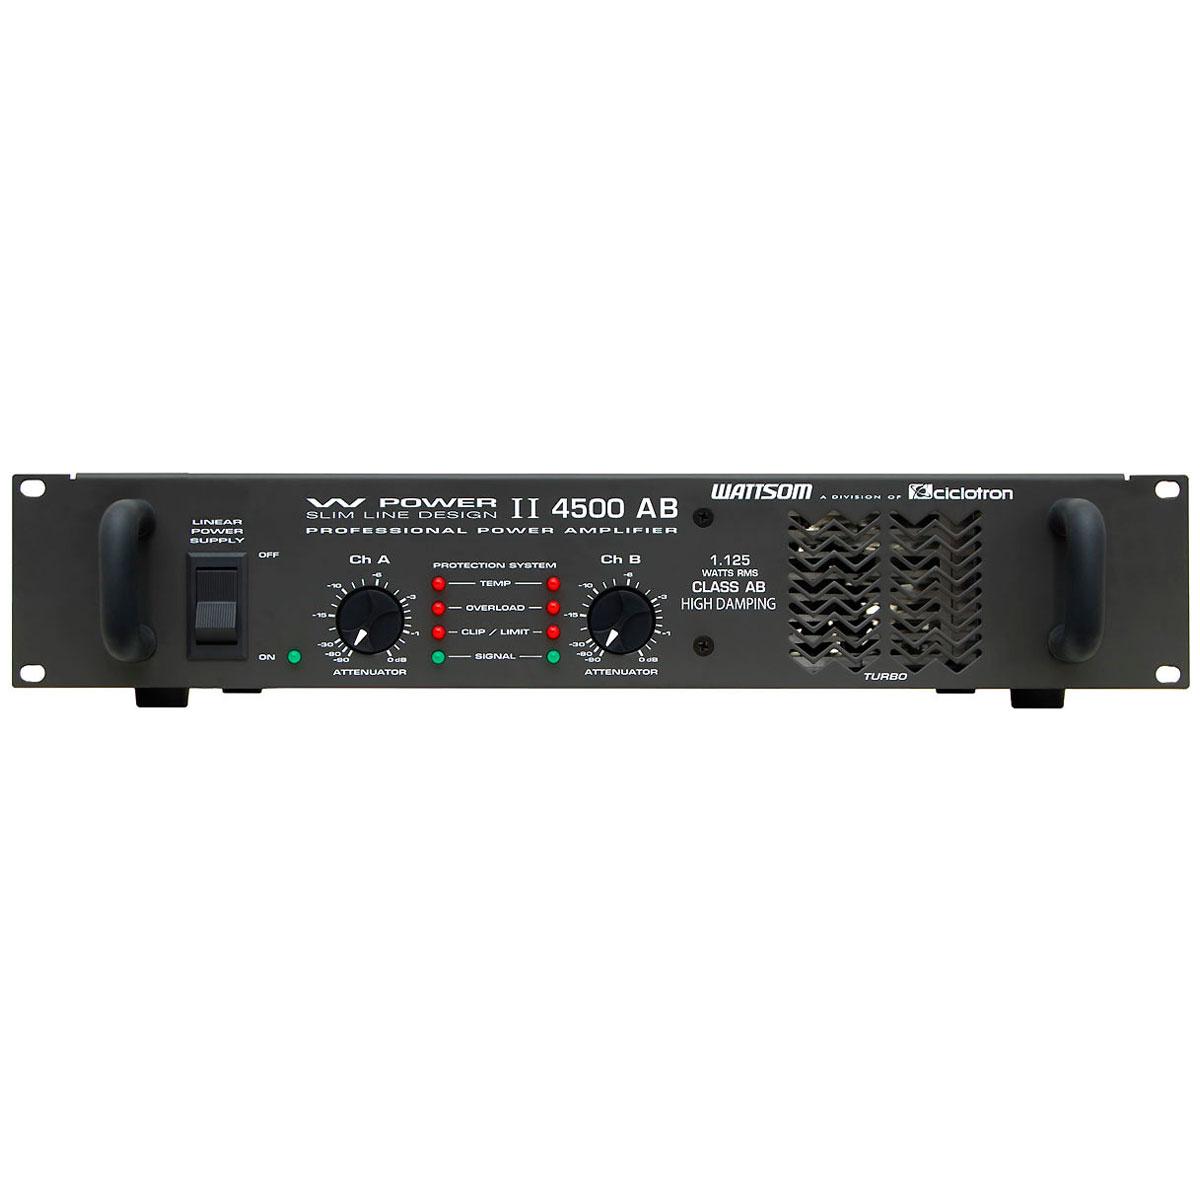 WPOWER4500 - Amplificador Estéreo 2 Canais 1125W W POWER 4500 - Ciclotron